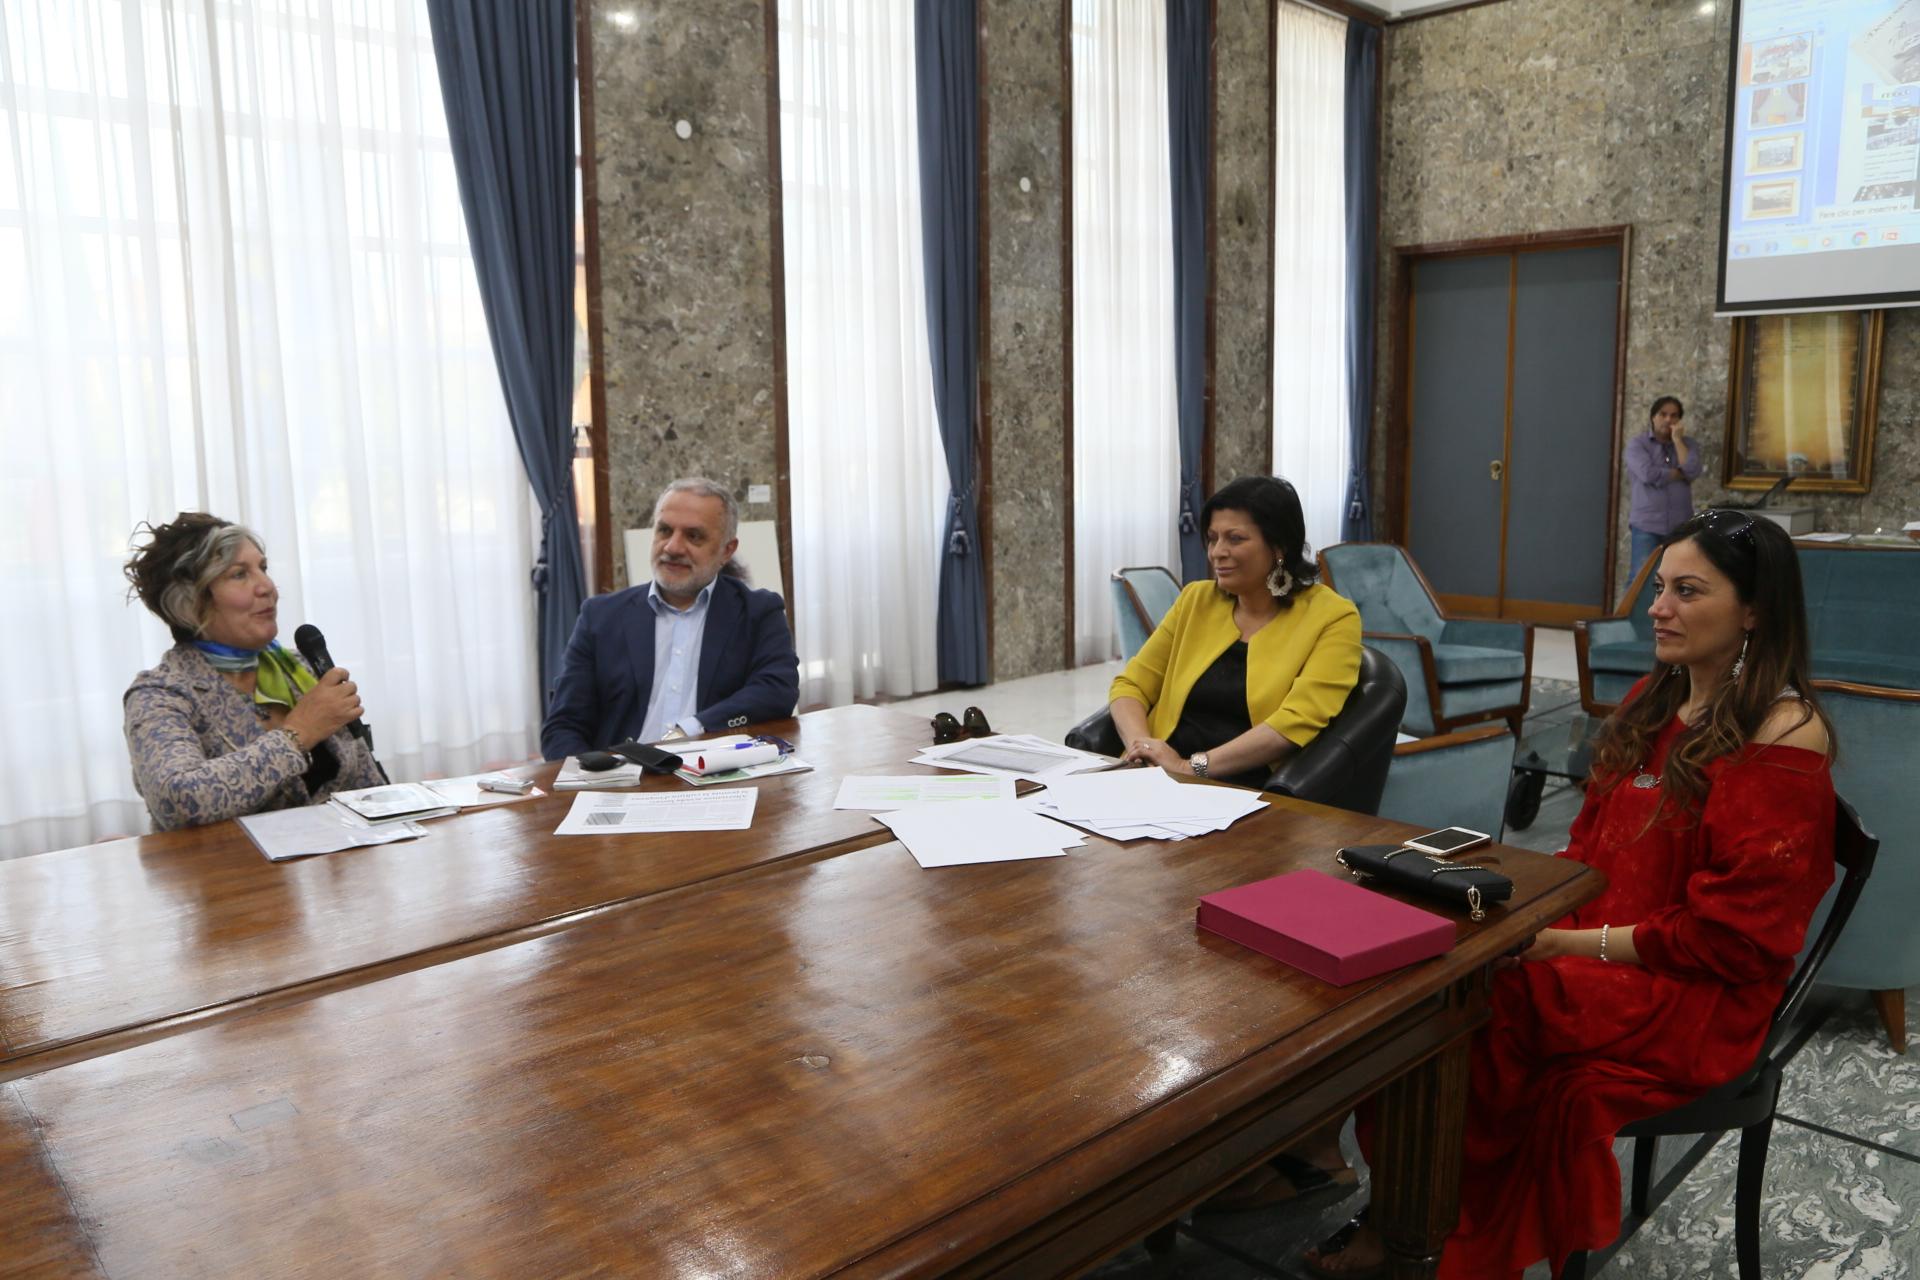 conferenza stampa sull\'archivio storico dei serviz